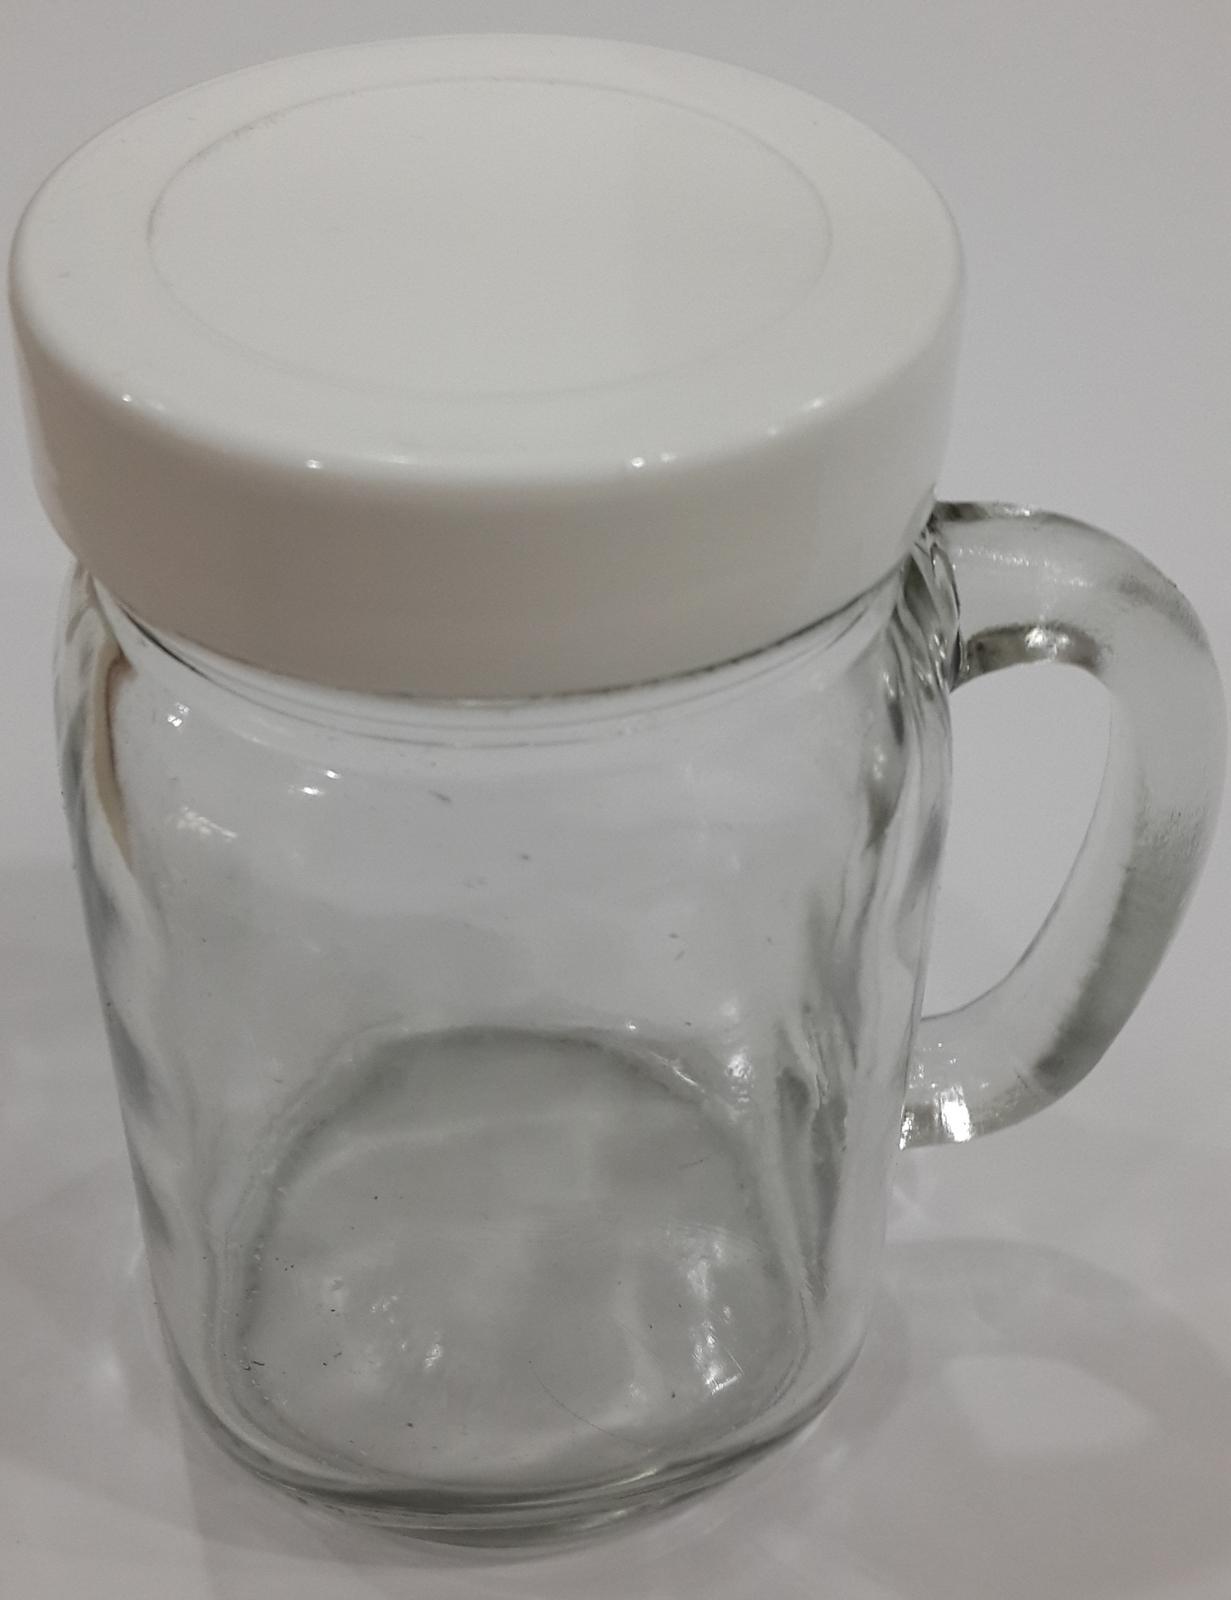 KIG DJ 16C TUTUP Drink Jar Harvest Time Mug Cafe Toples Souvenir Gelas / Gelas DJ16 C Mug Tutup